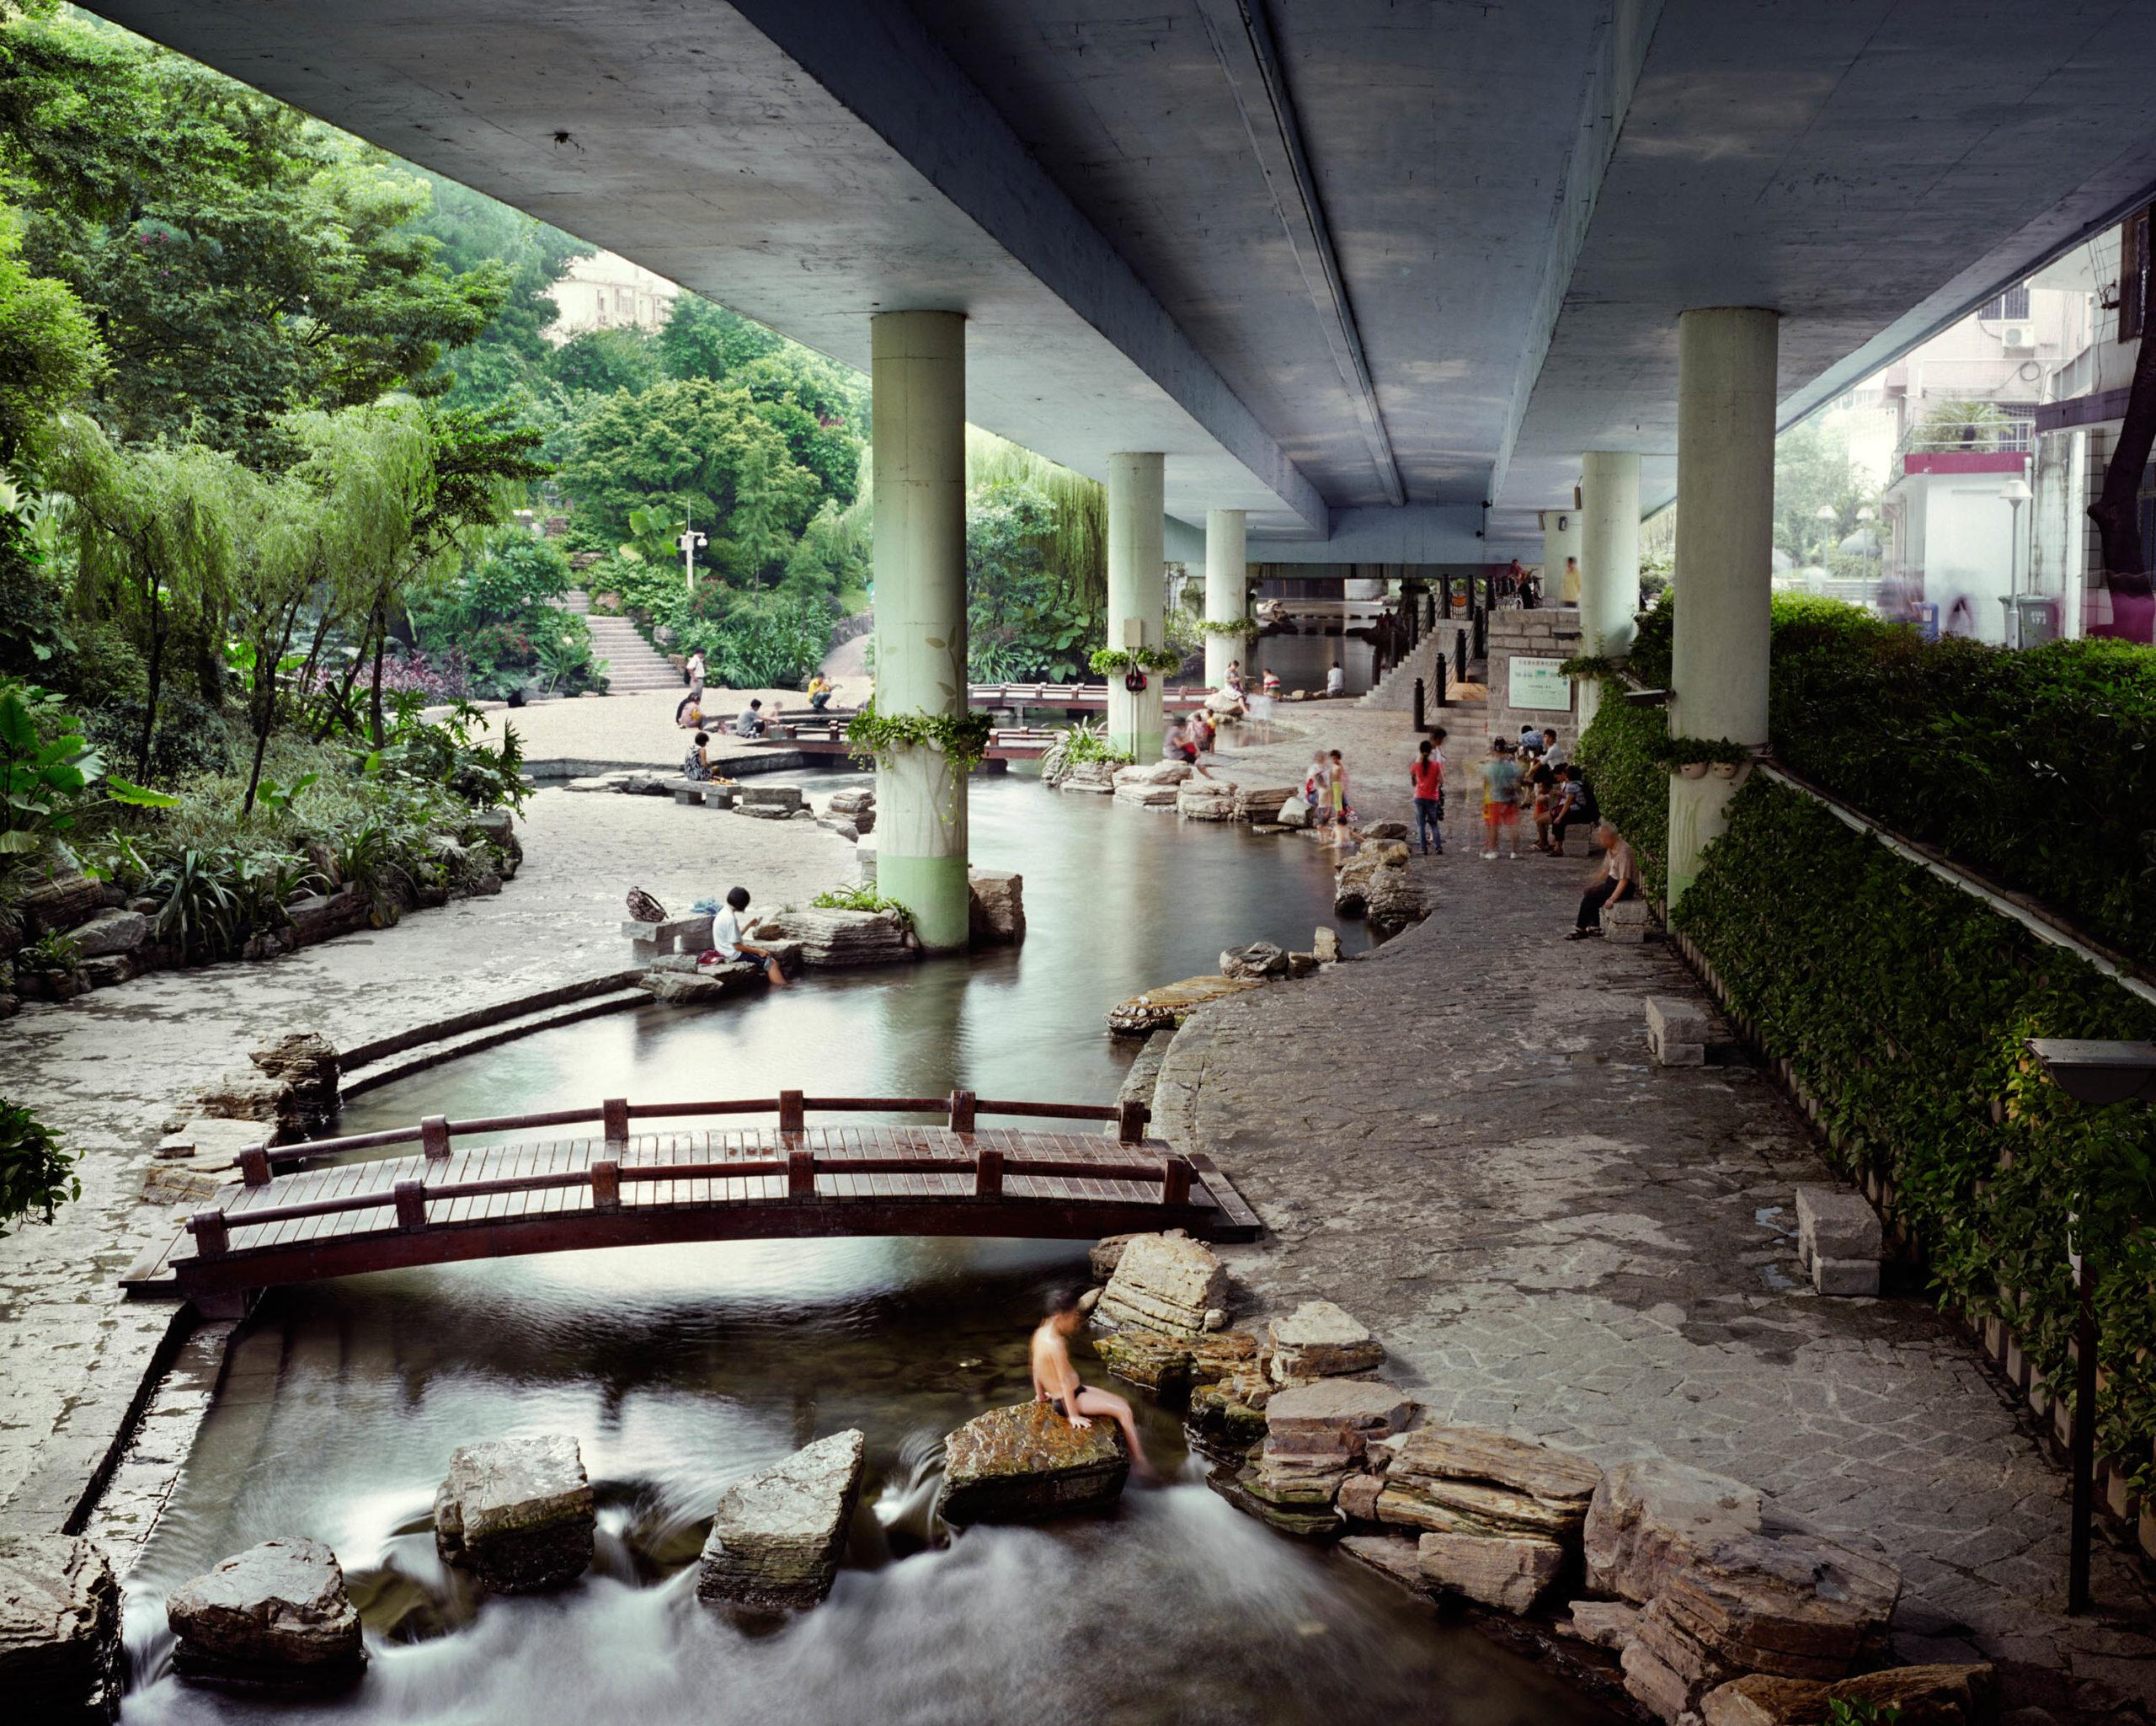 Shang Xiajiu Road, Li Wan District, Guangzhou, China